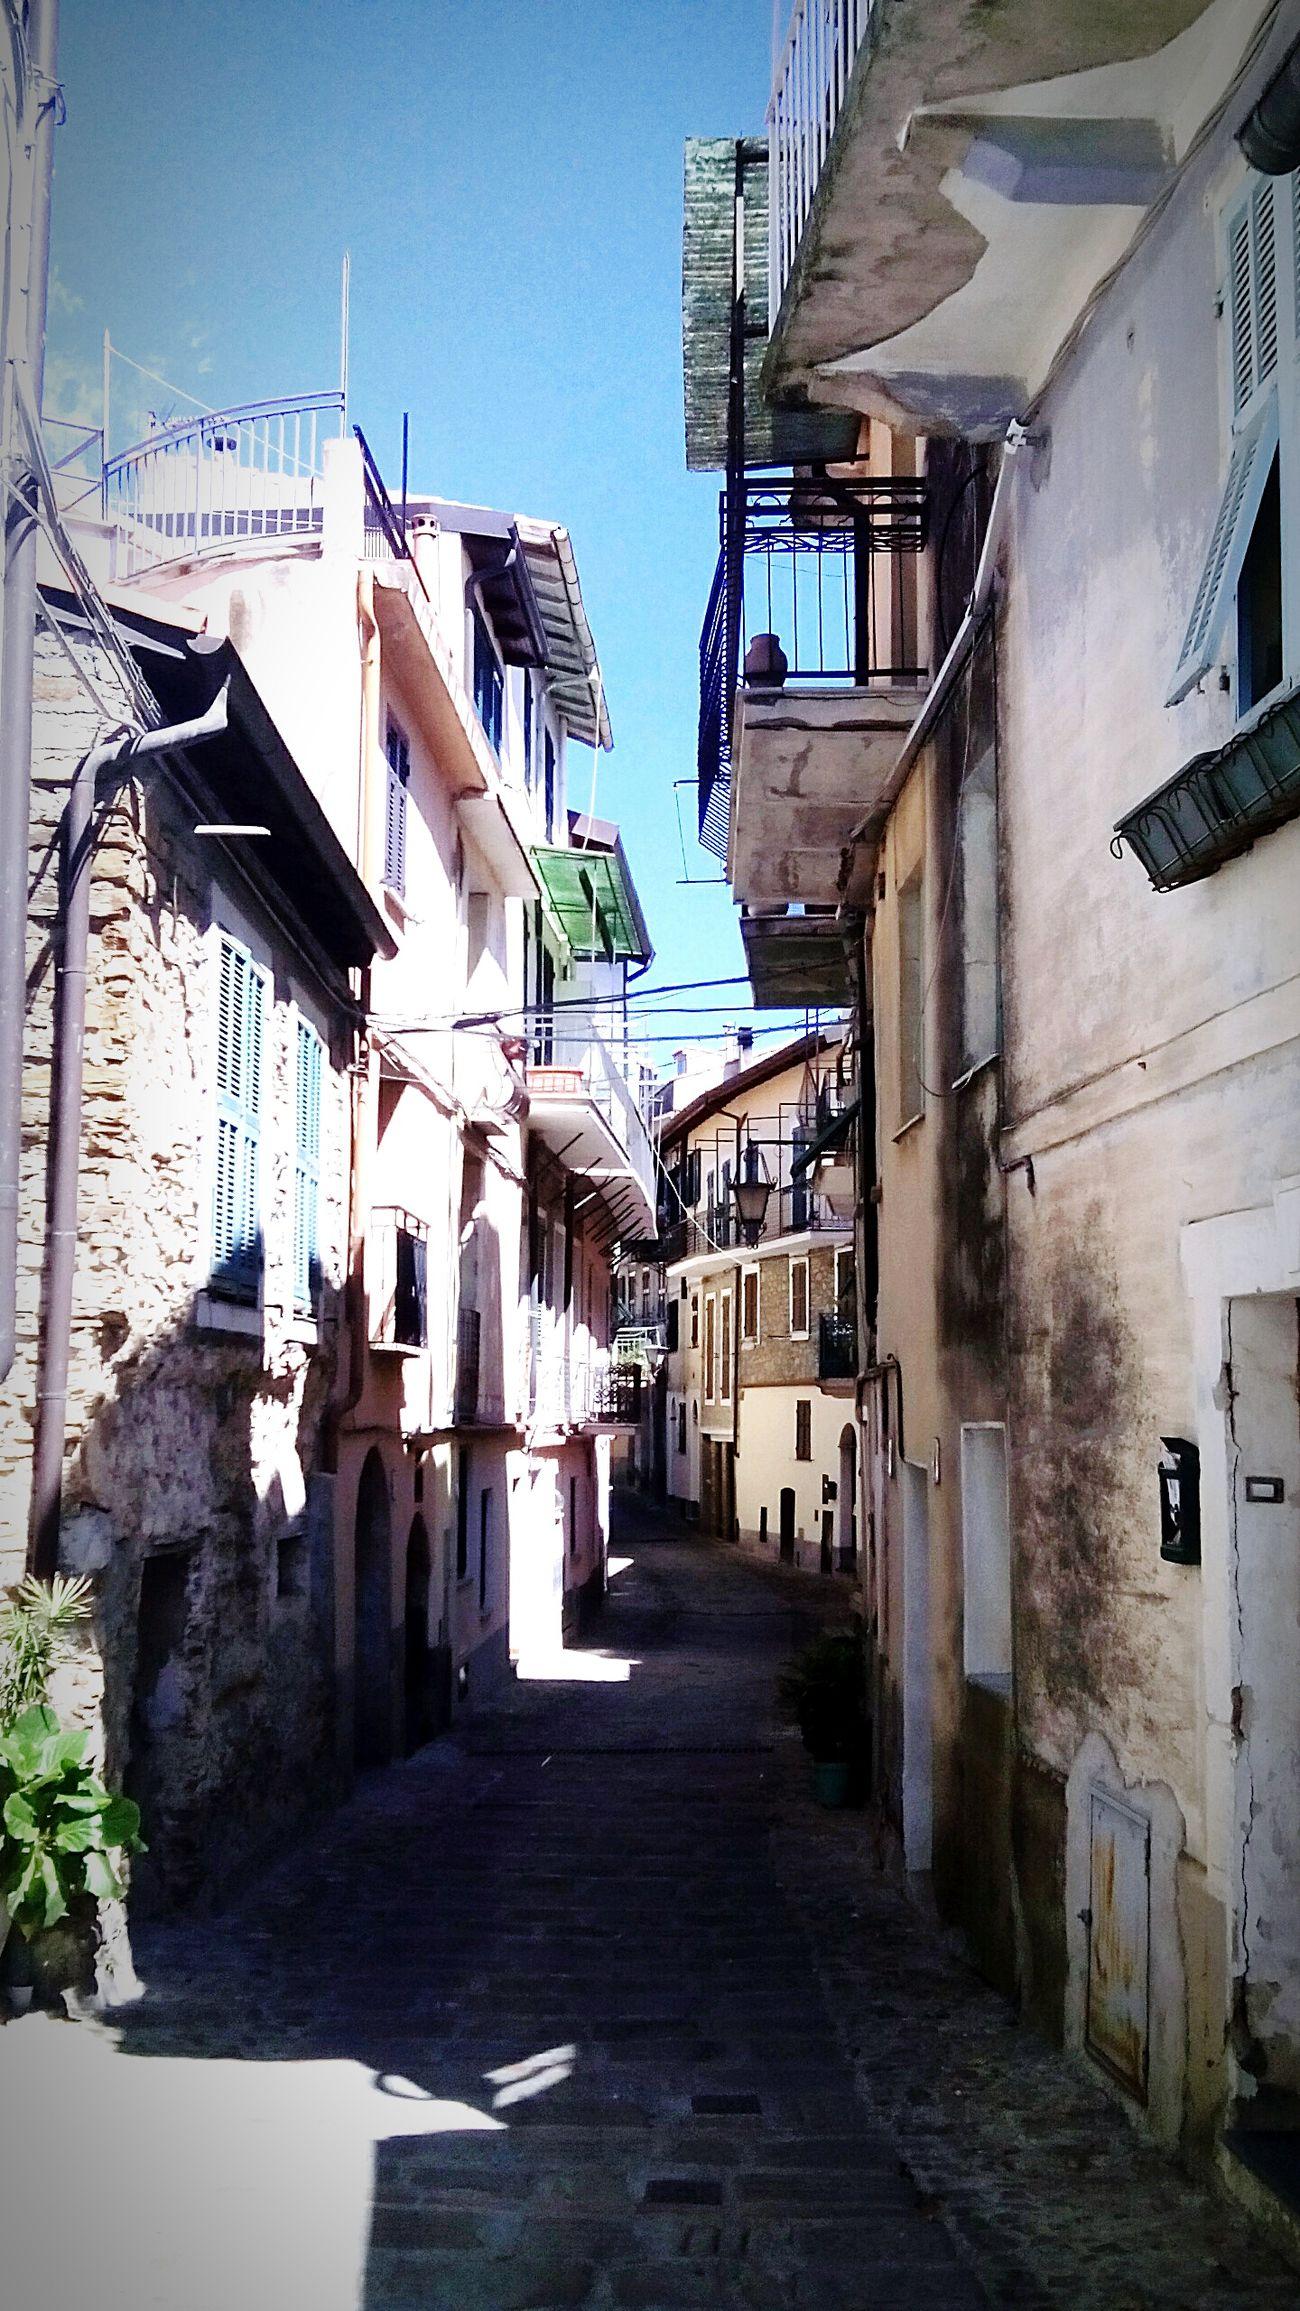 Liguria - Riviera Di Ponente Riviera Dei Fiori Italian Riviera Ancient Village Perinaldo Val Verbone Old Village Borgo Antico Paesaggiourbano Urban Landscape